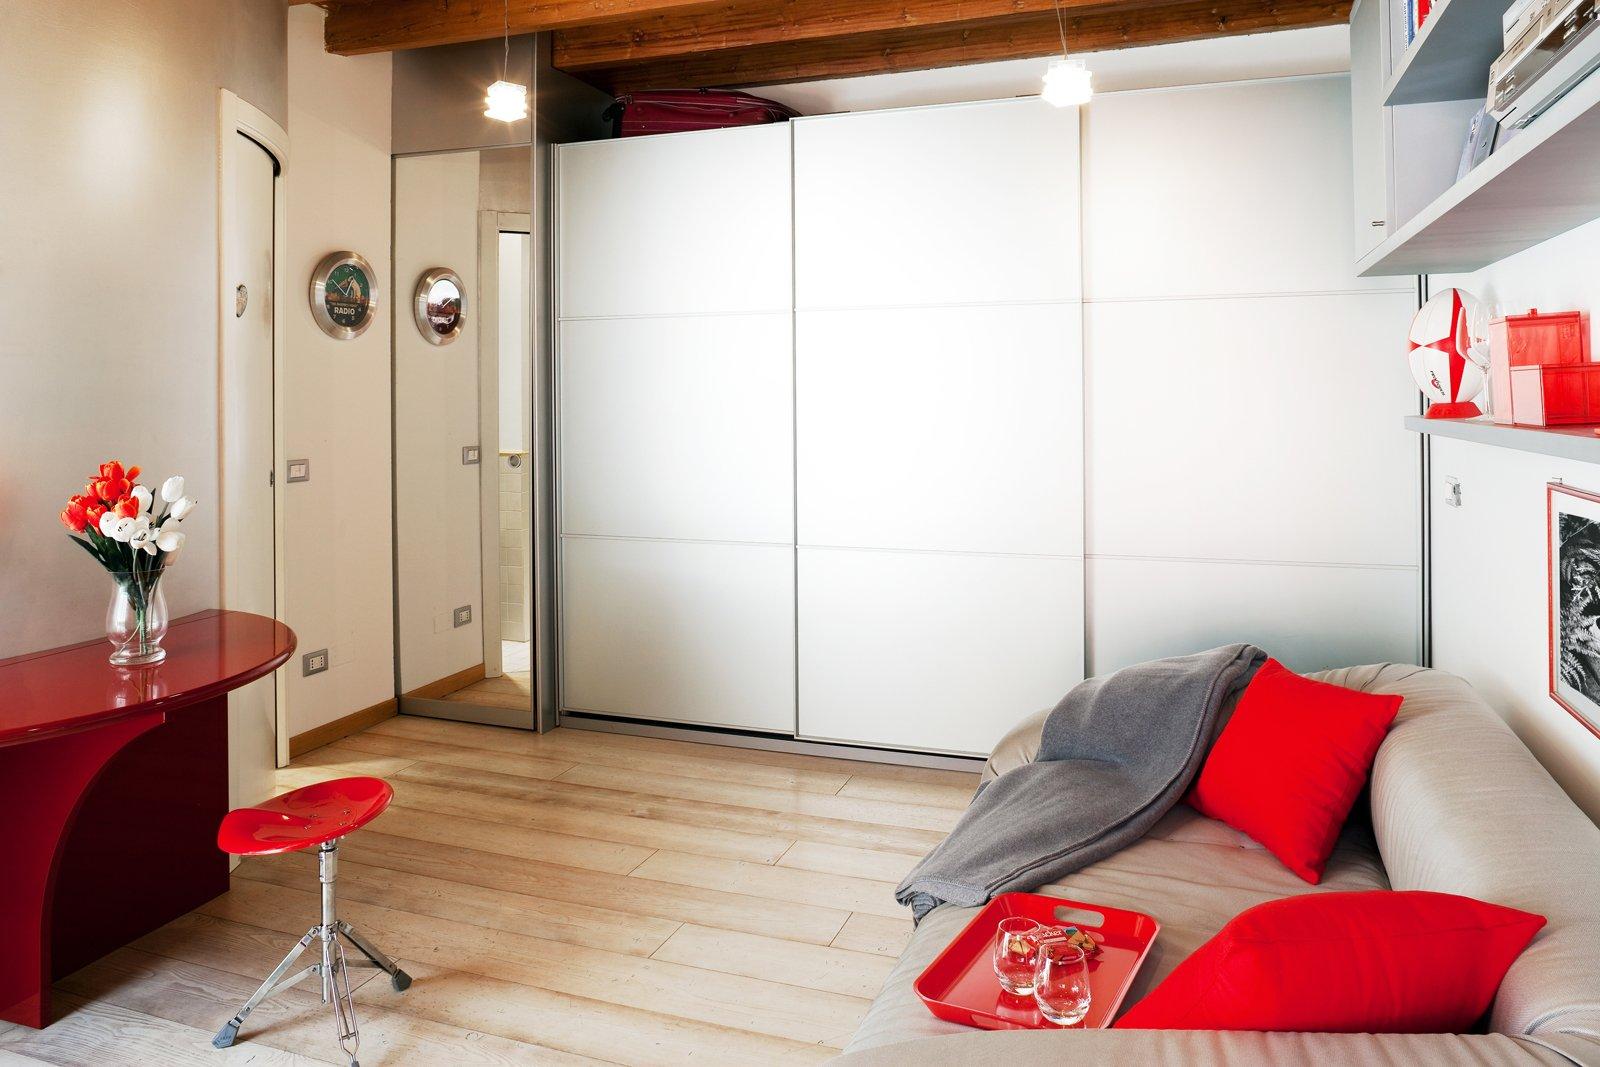 Monolocale di 25 mq con soluzioni salvaspazio cose di casa for Arredare parete